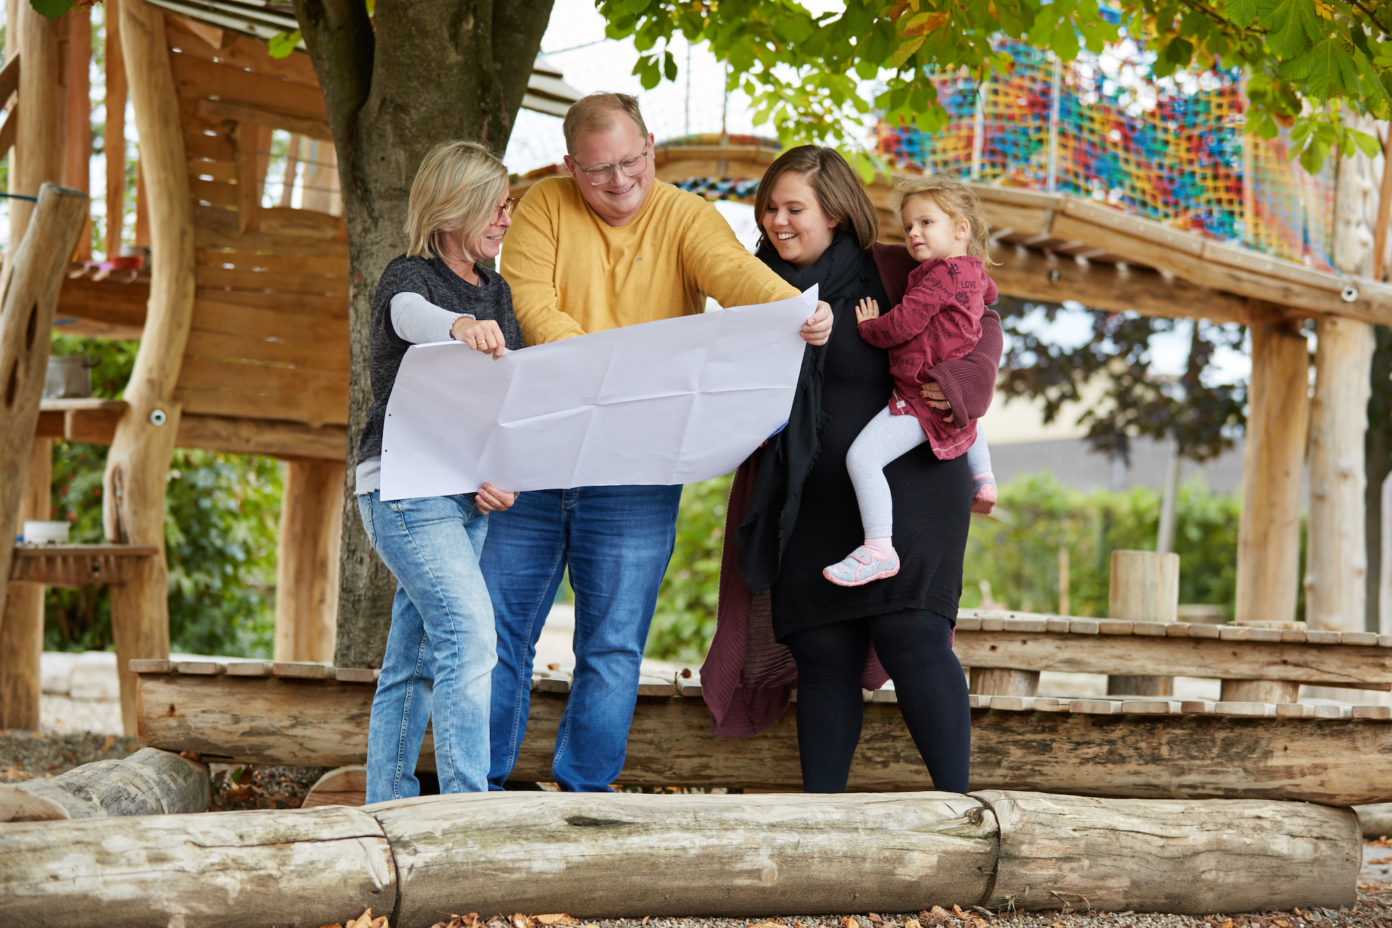 Eltern mit einem Bauplan in der Hand vor einem Klettergarten.